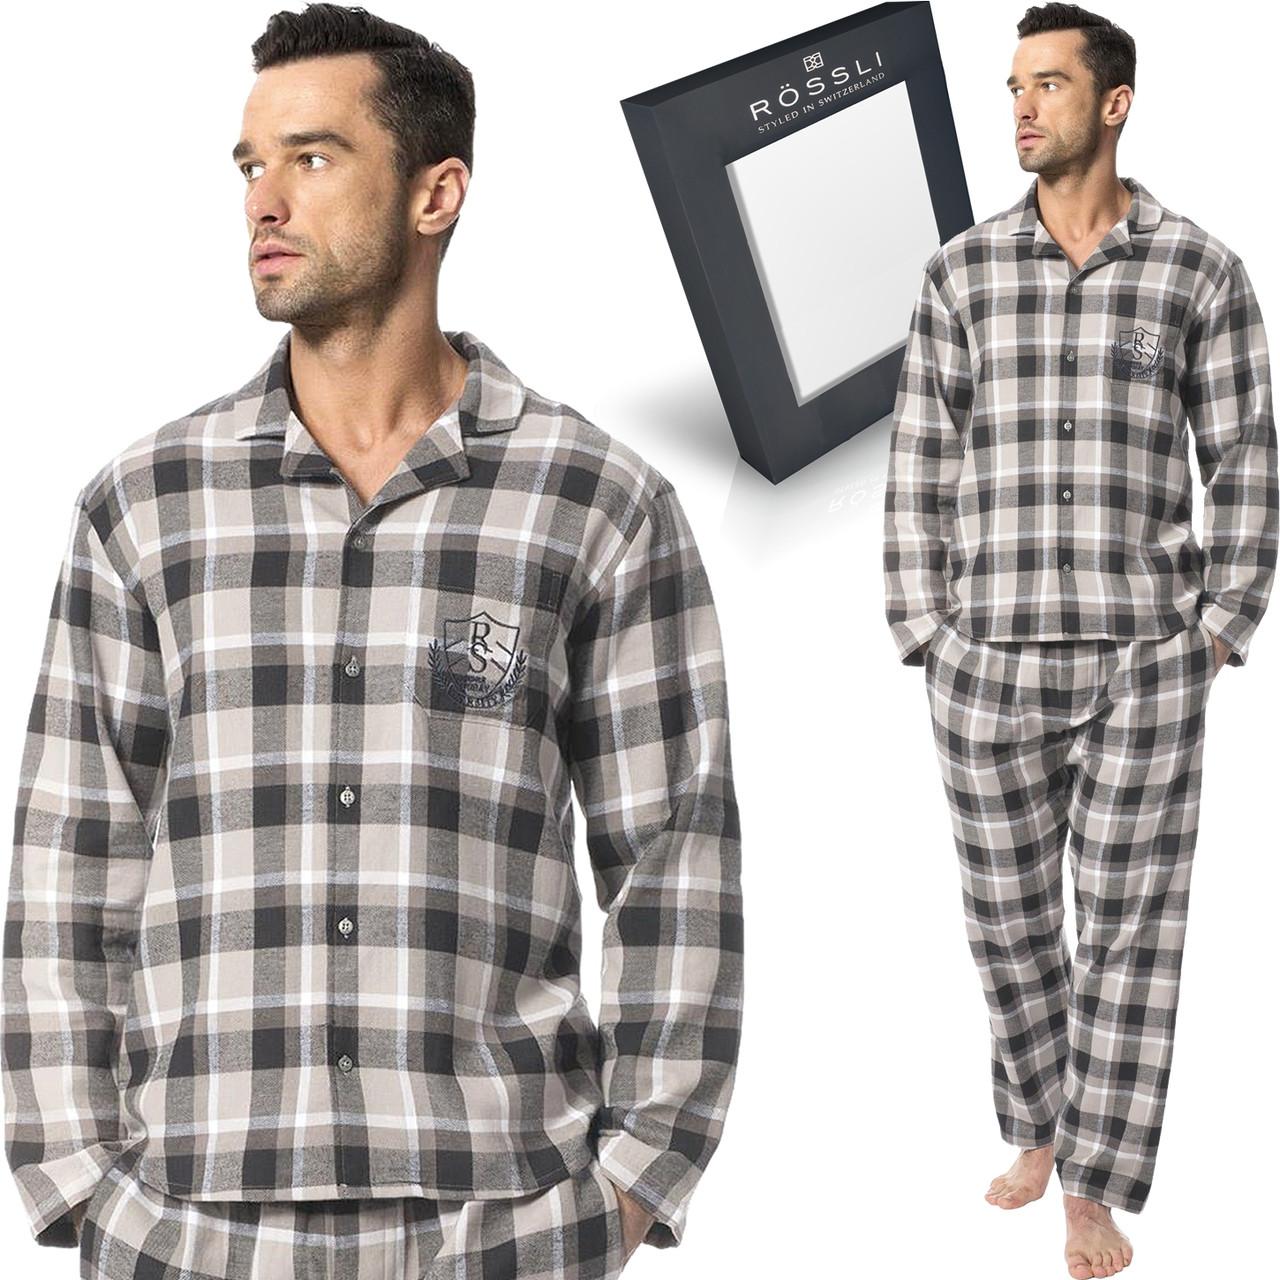 Фланелевая пижама в подарочной упаковке.ROSSLI